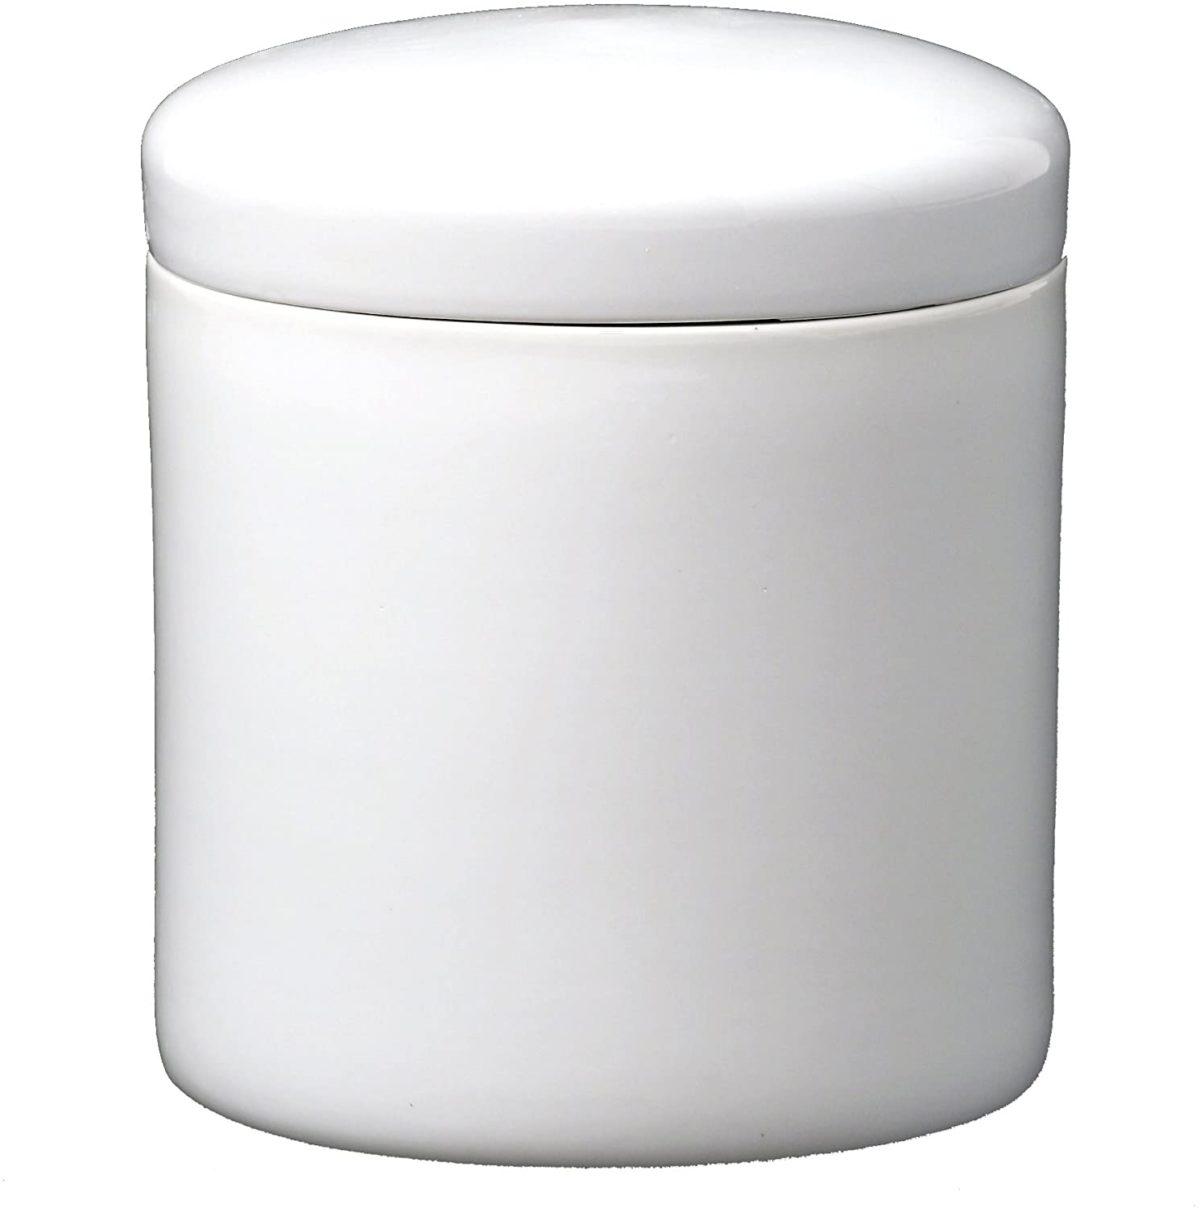 白 切立 / 5寸 / シンプル 骨壷 骨壺